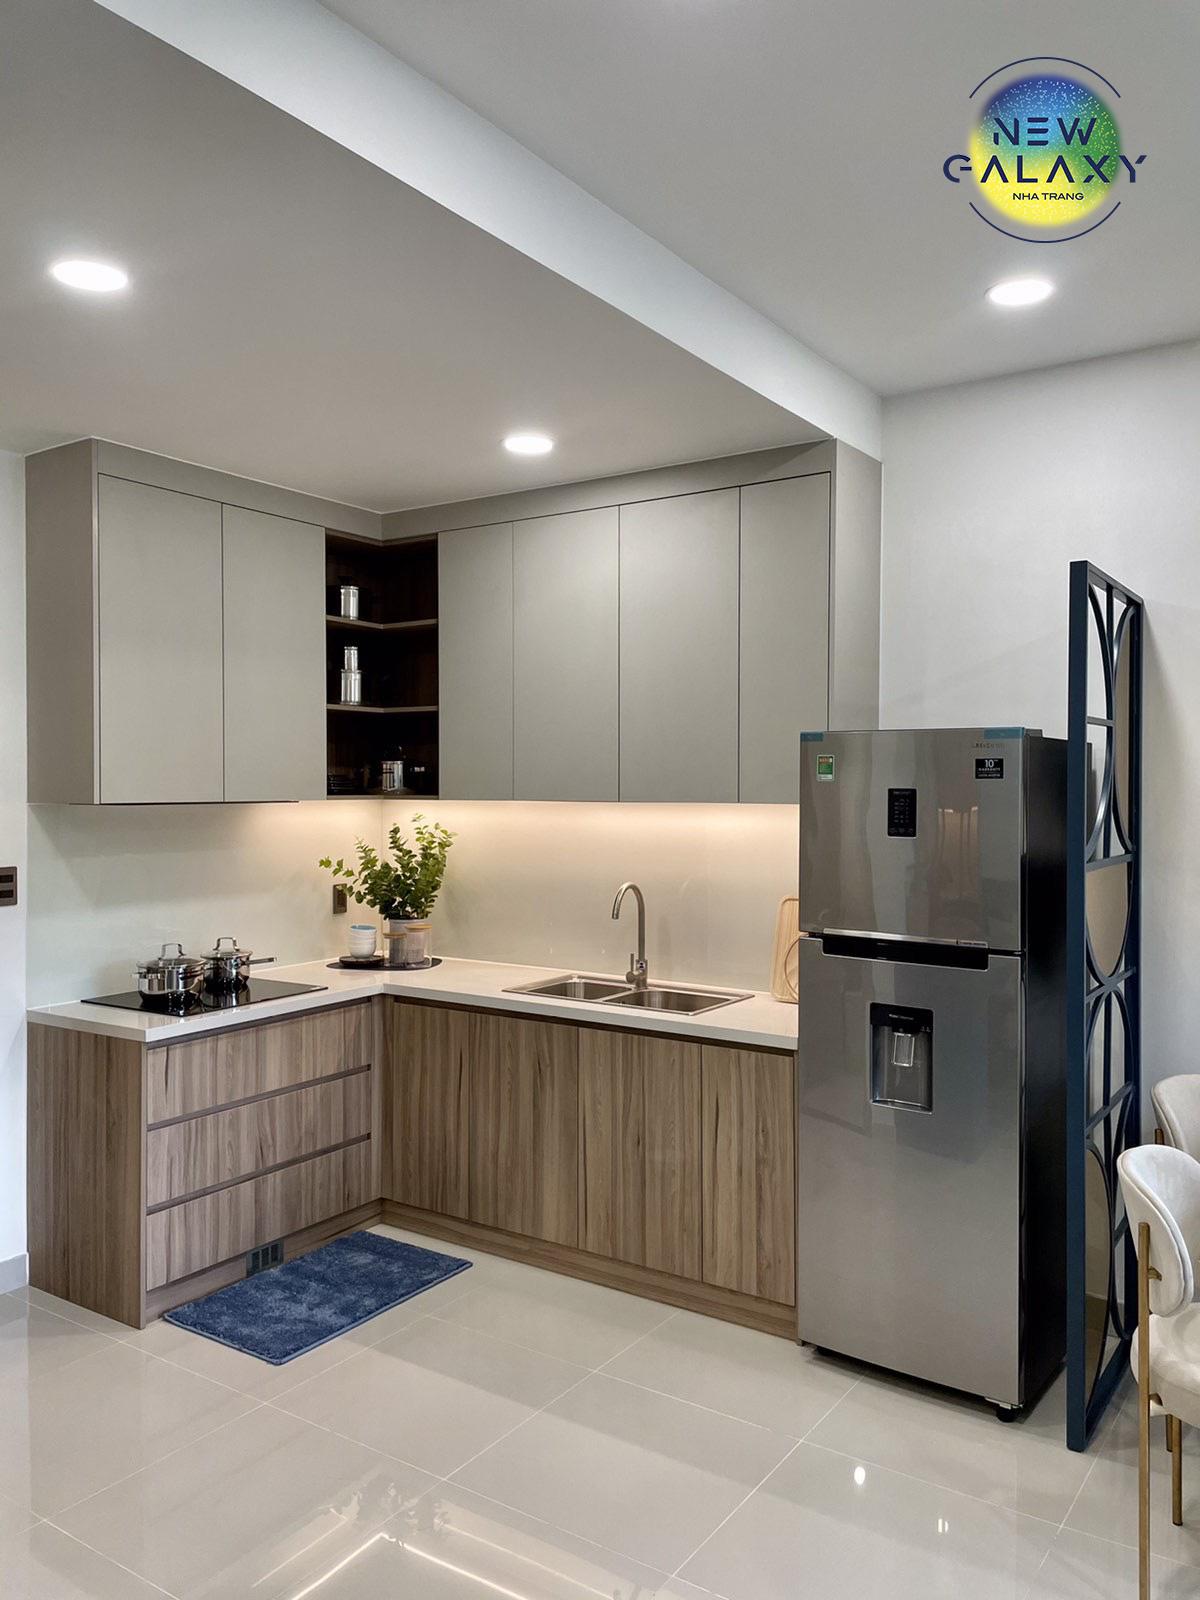 Phòng bếp mẫu căn hộ New Galaxy Nha Trang